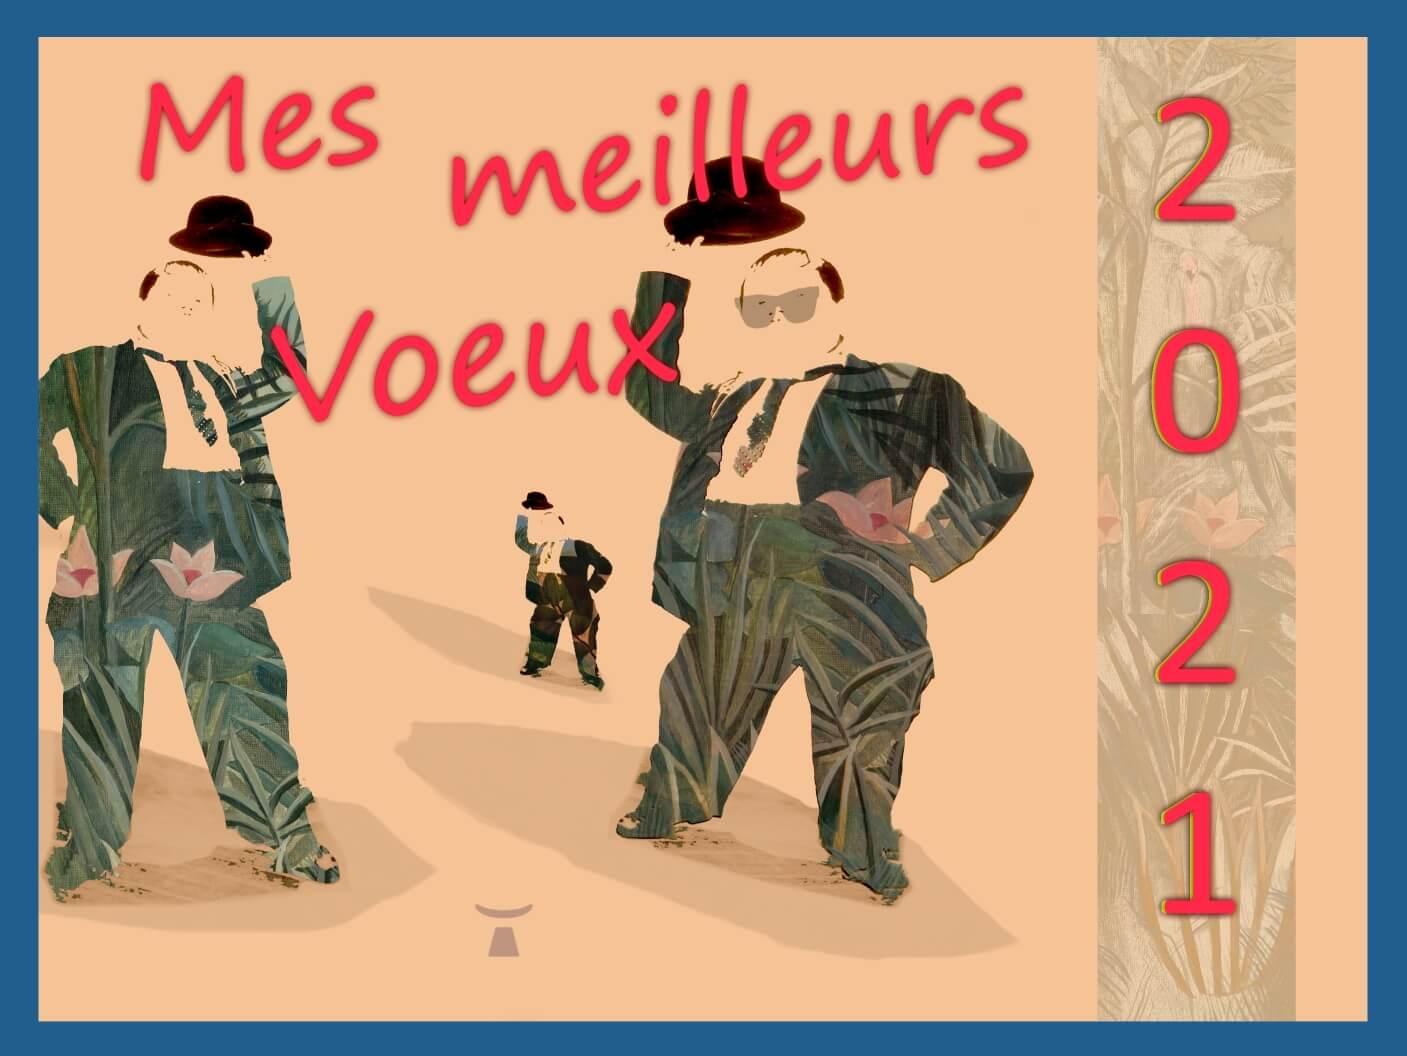 image de la carte de voeux pour l'année 2021 réalisée par Jean Toba